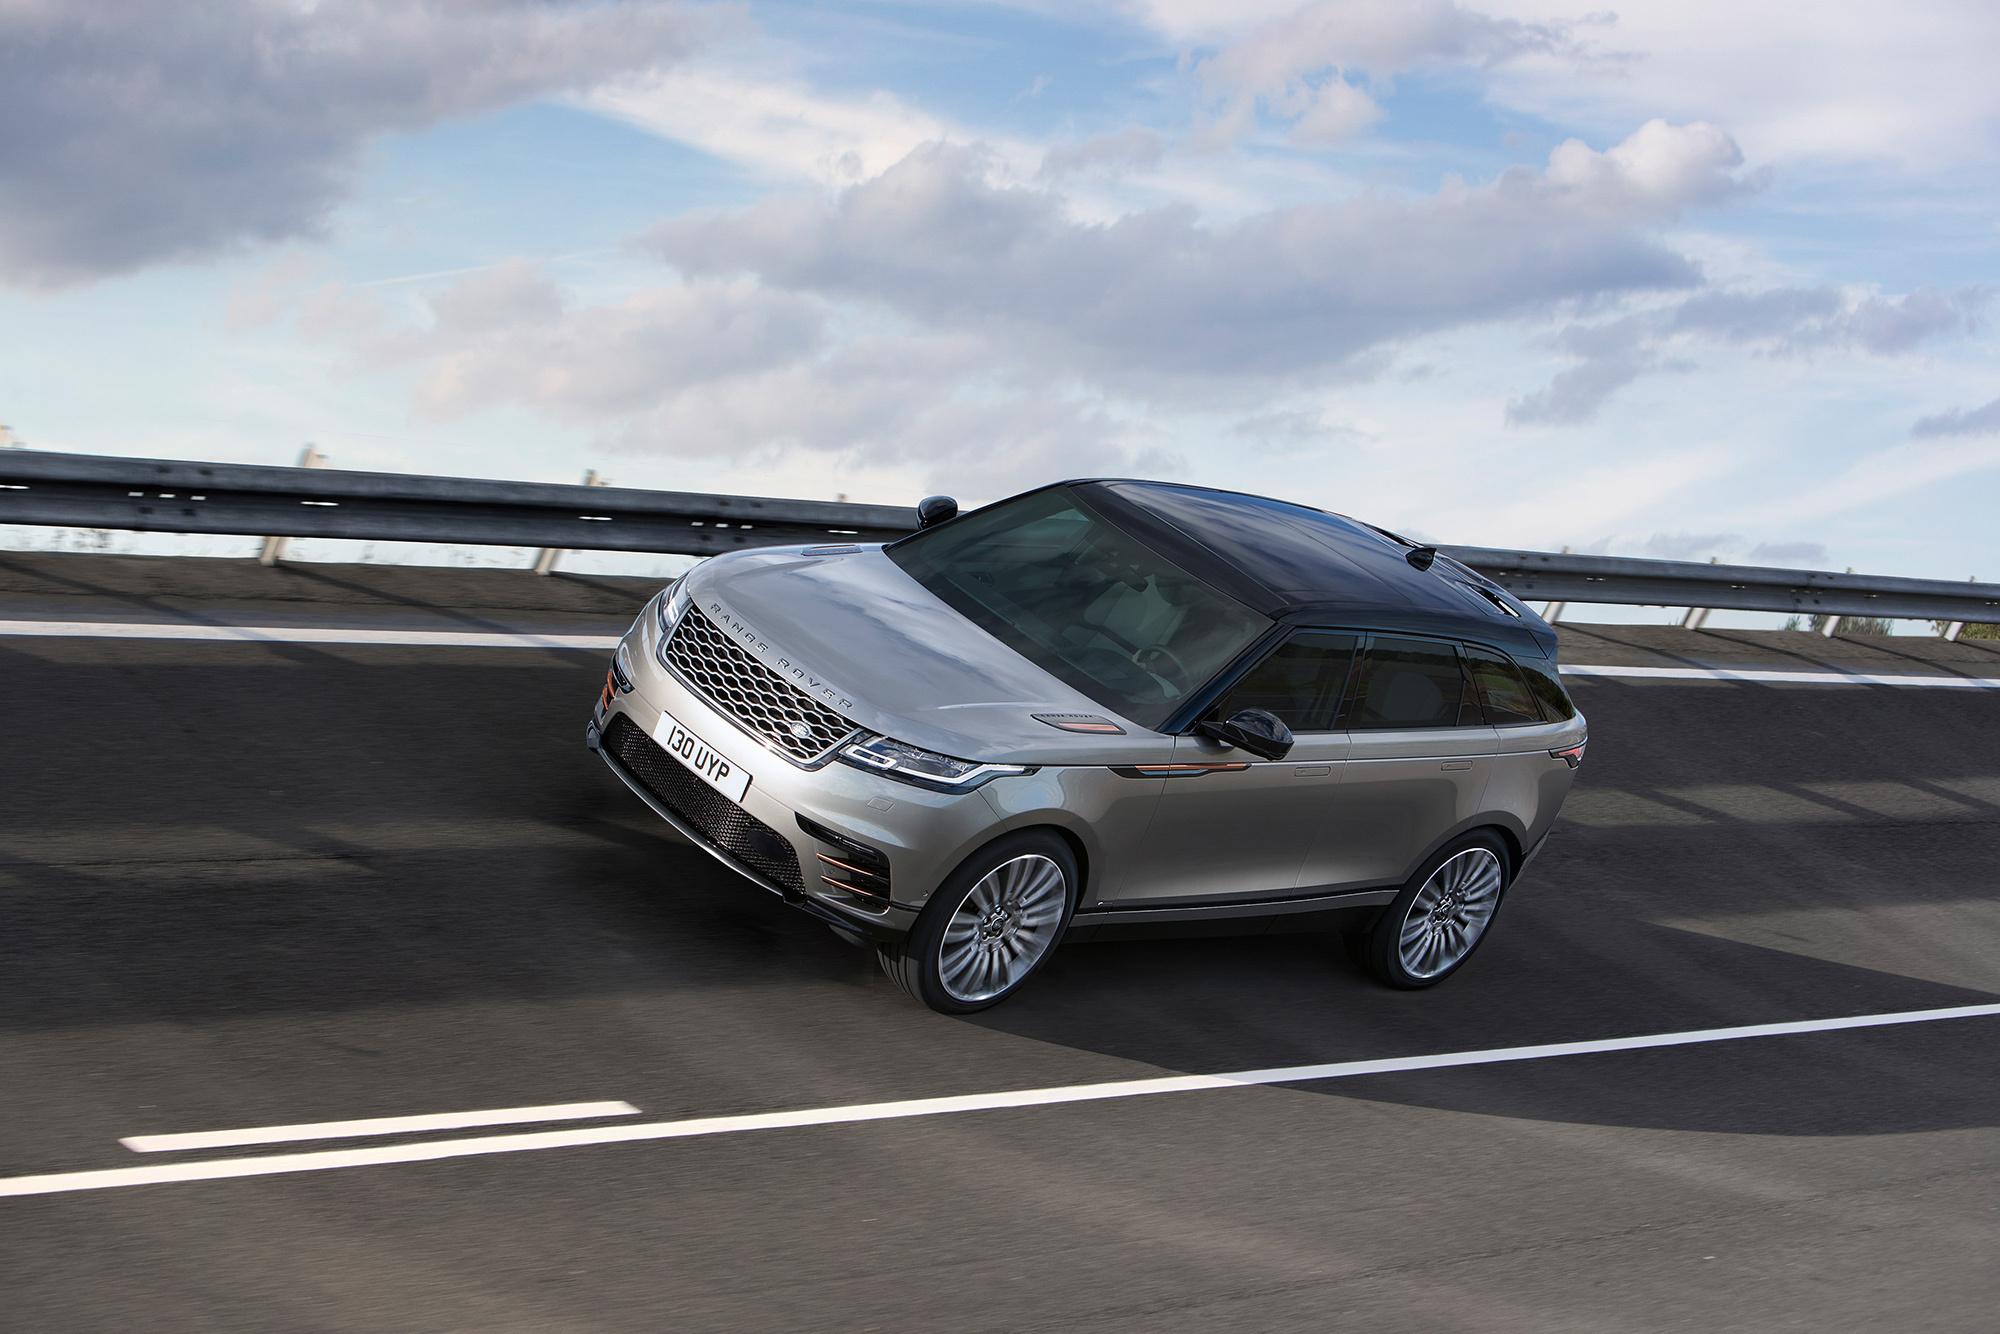 Images Of Range Rover Velar